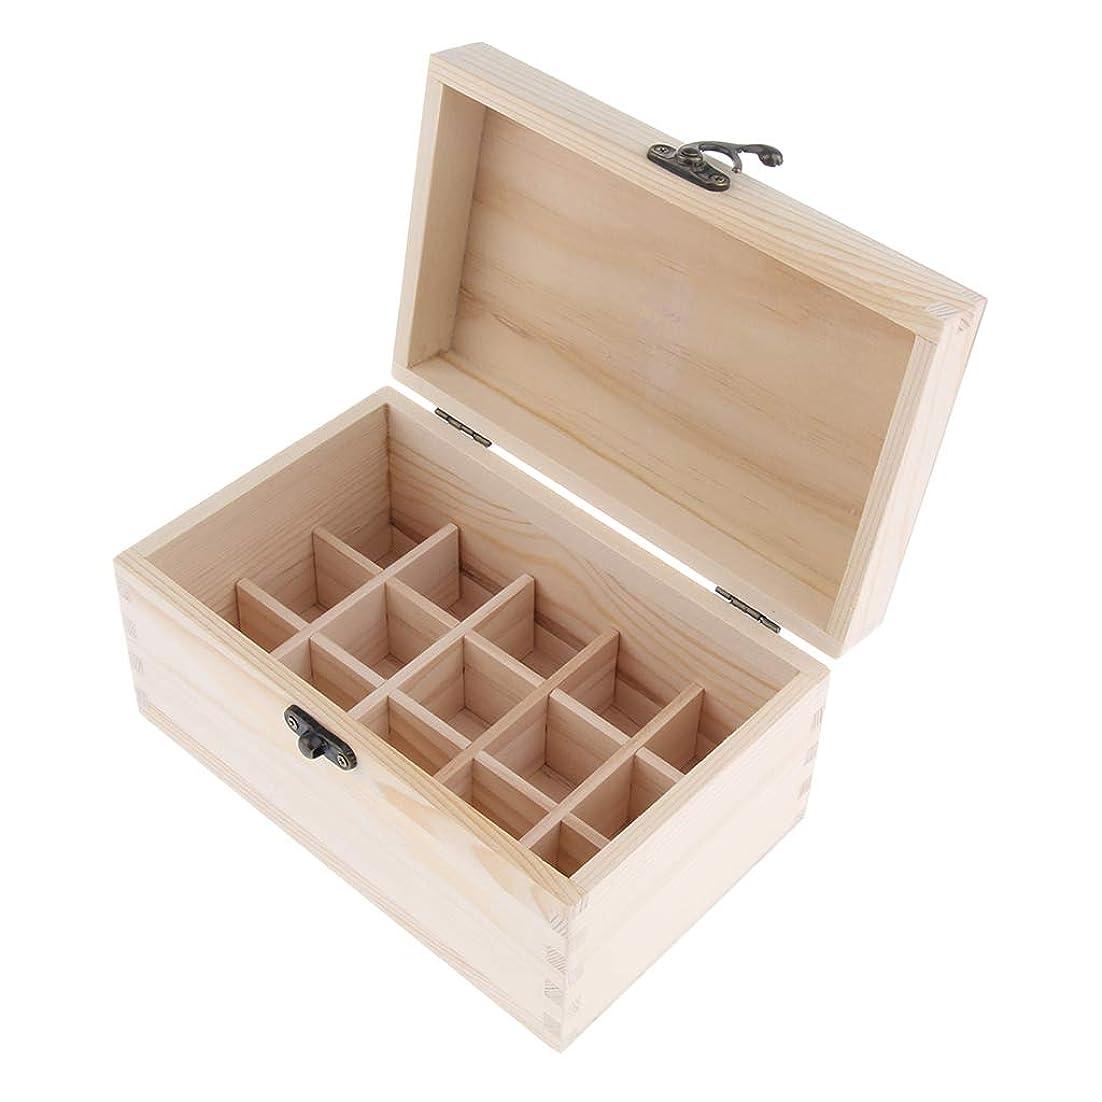 アルバム宇宙の素人chiwanji 精油ケース 化粧品収納ボックス 15仕切り 木製 エッセンシャルオイル コンパクト 携帯便利 実用性